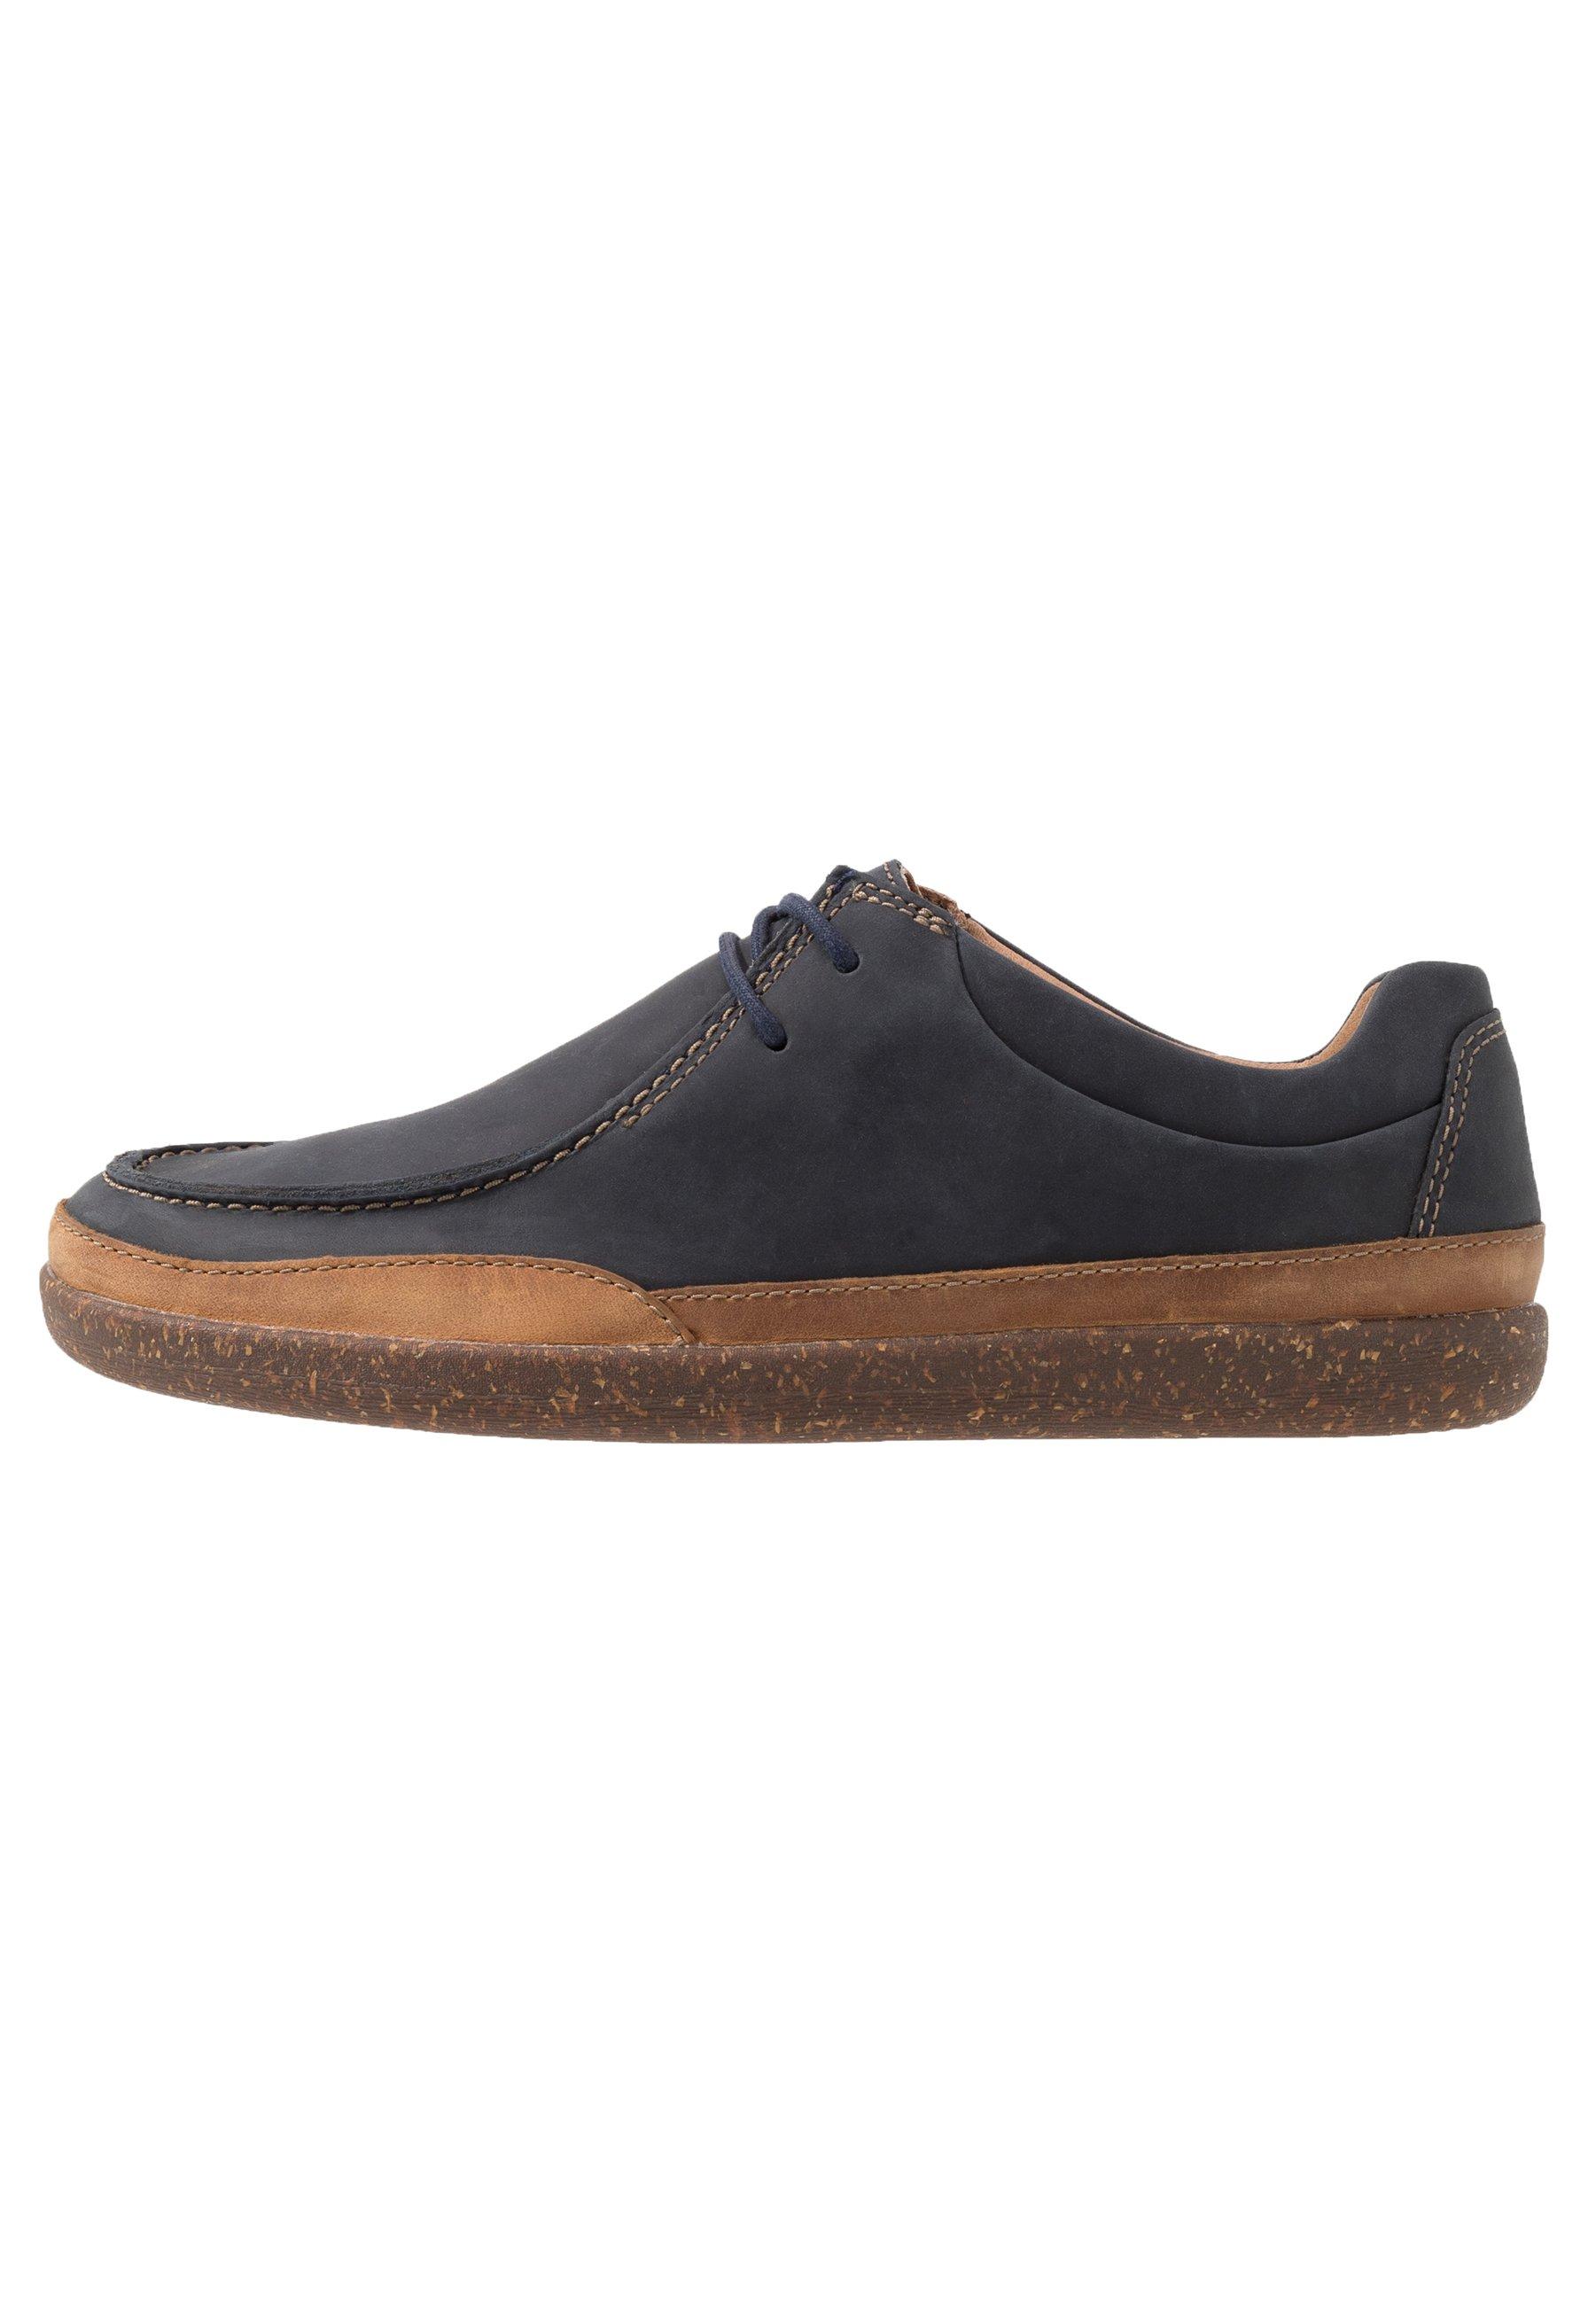 Clarks Originals Herrskor | Köp skor online på Zalando.se